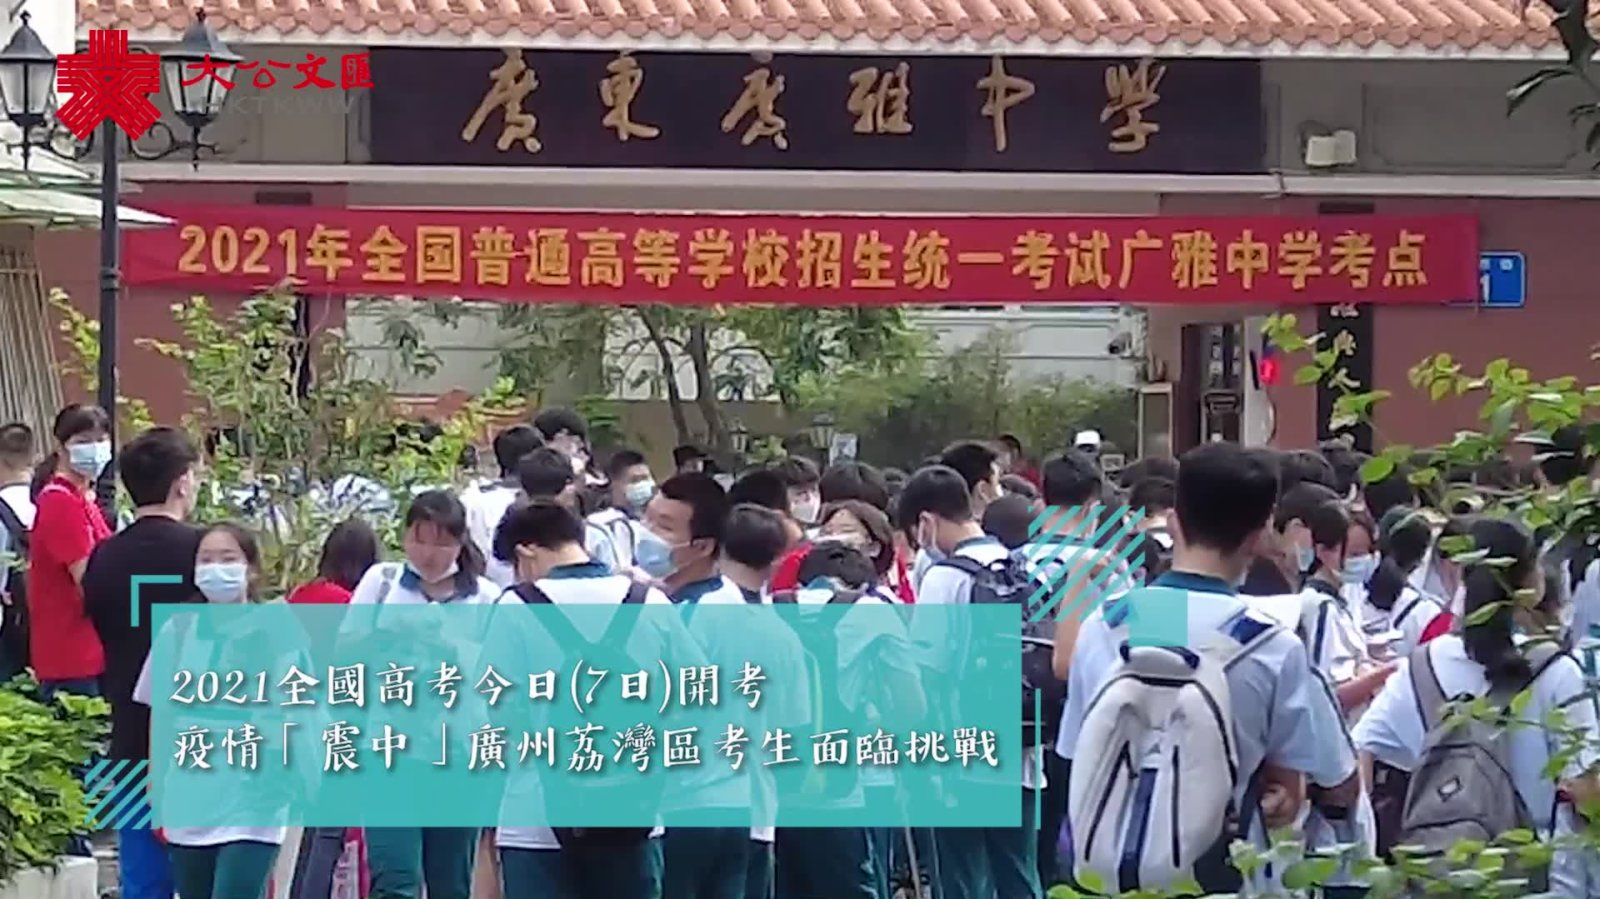 「疫情震中」廣州高考家長和考生如何應對?